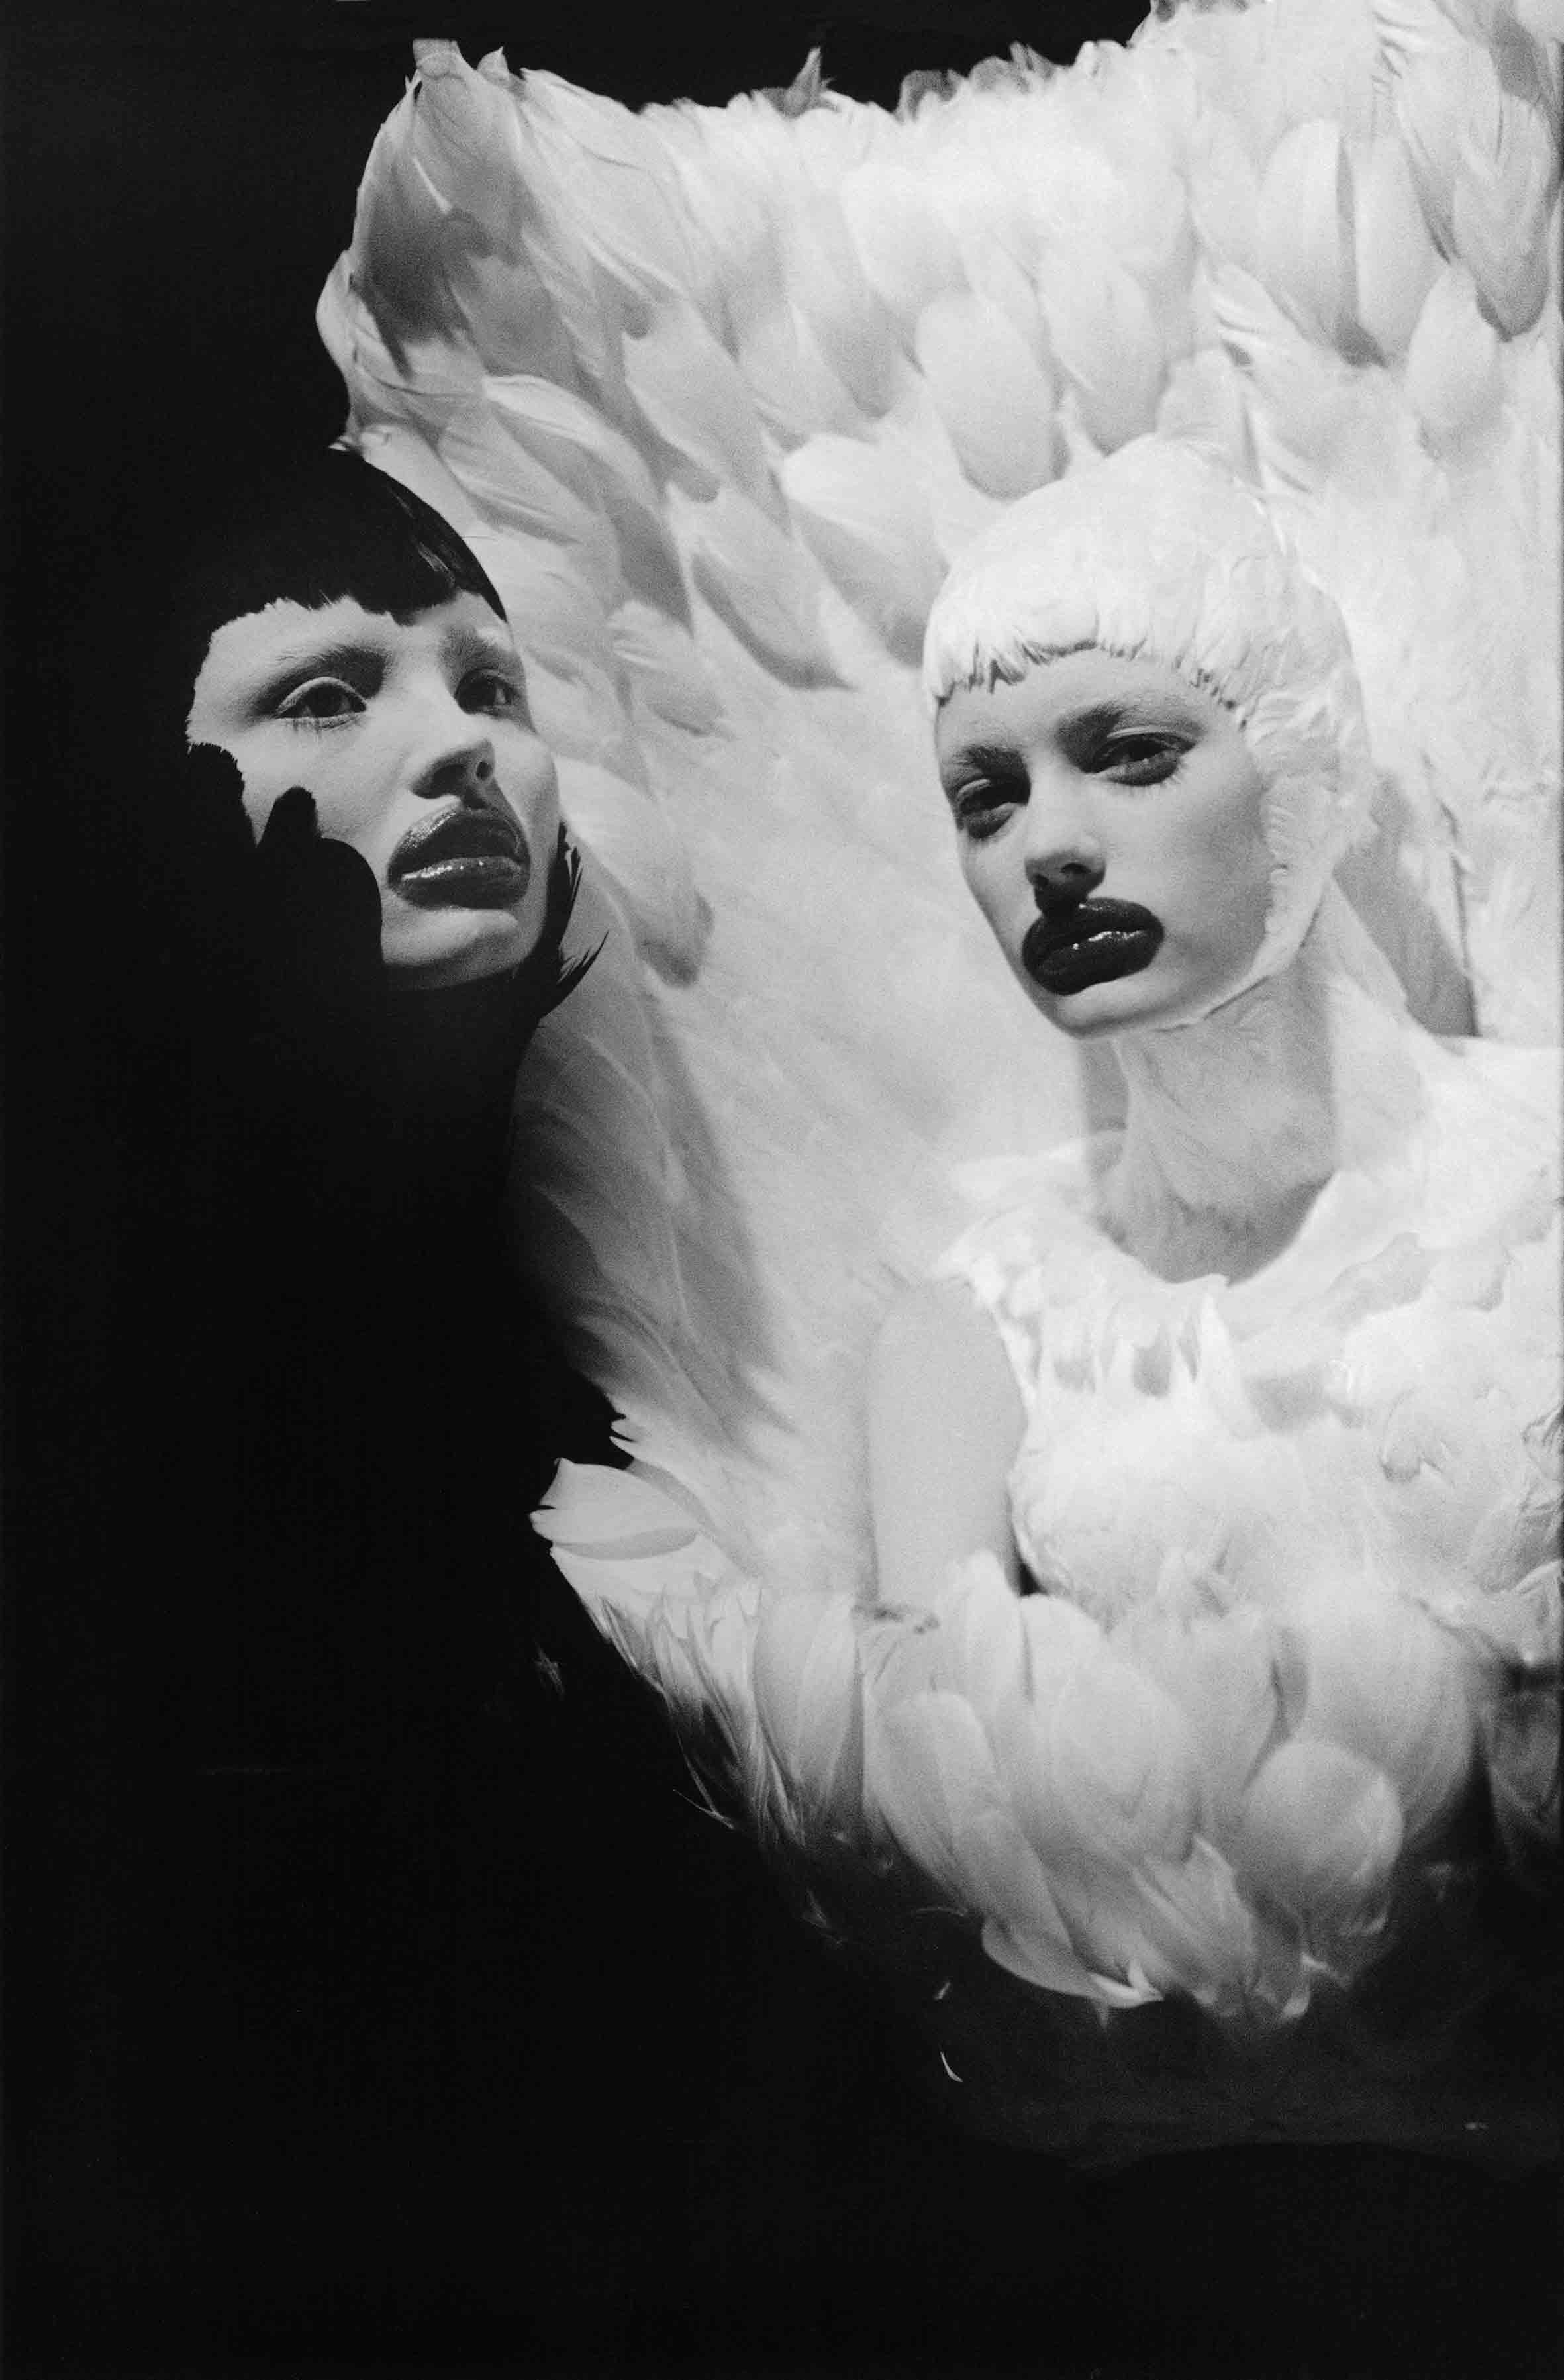 安·雷,《不落的天使I》,巴黎,2009年。图片由艺术家提供。